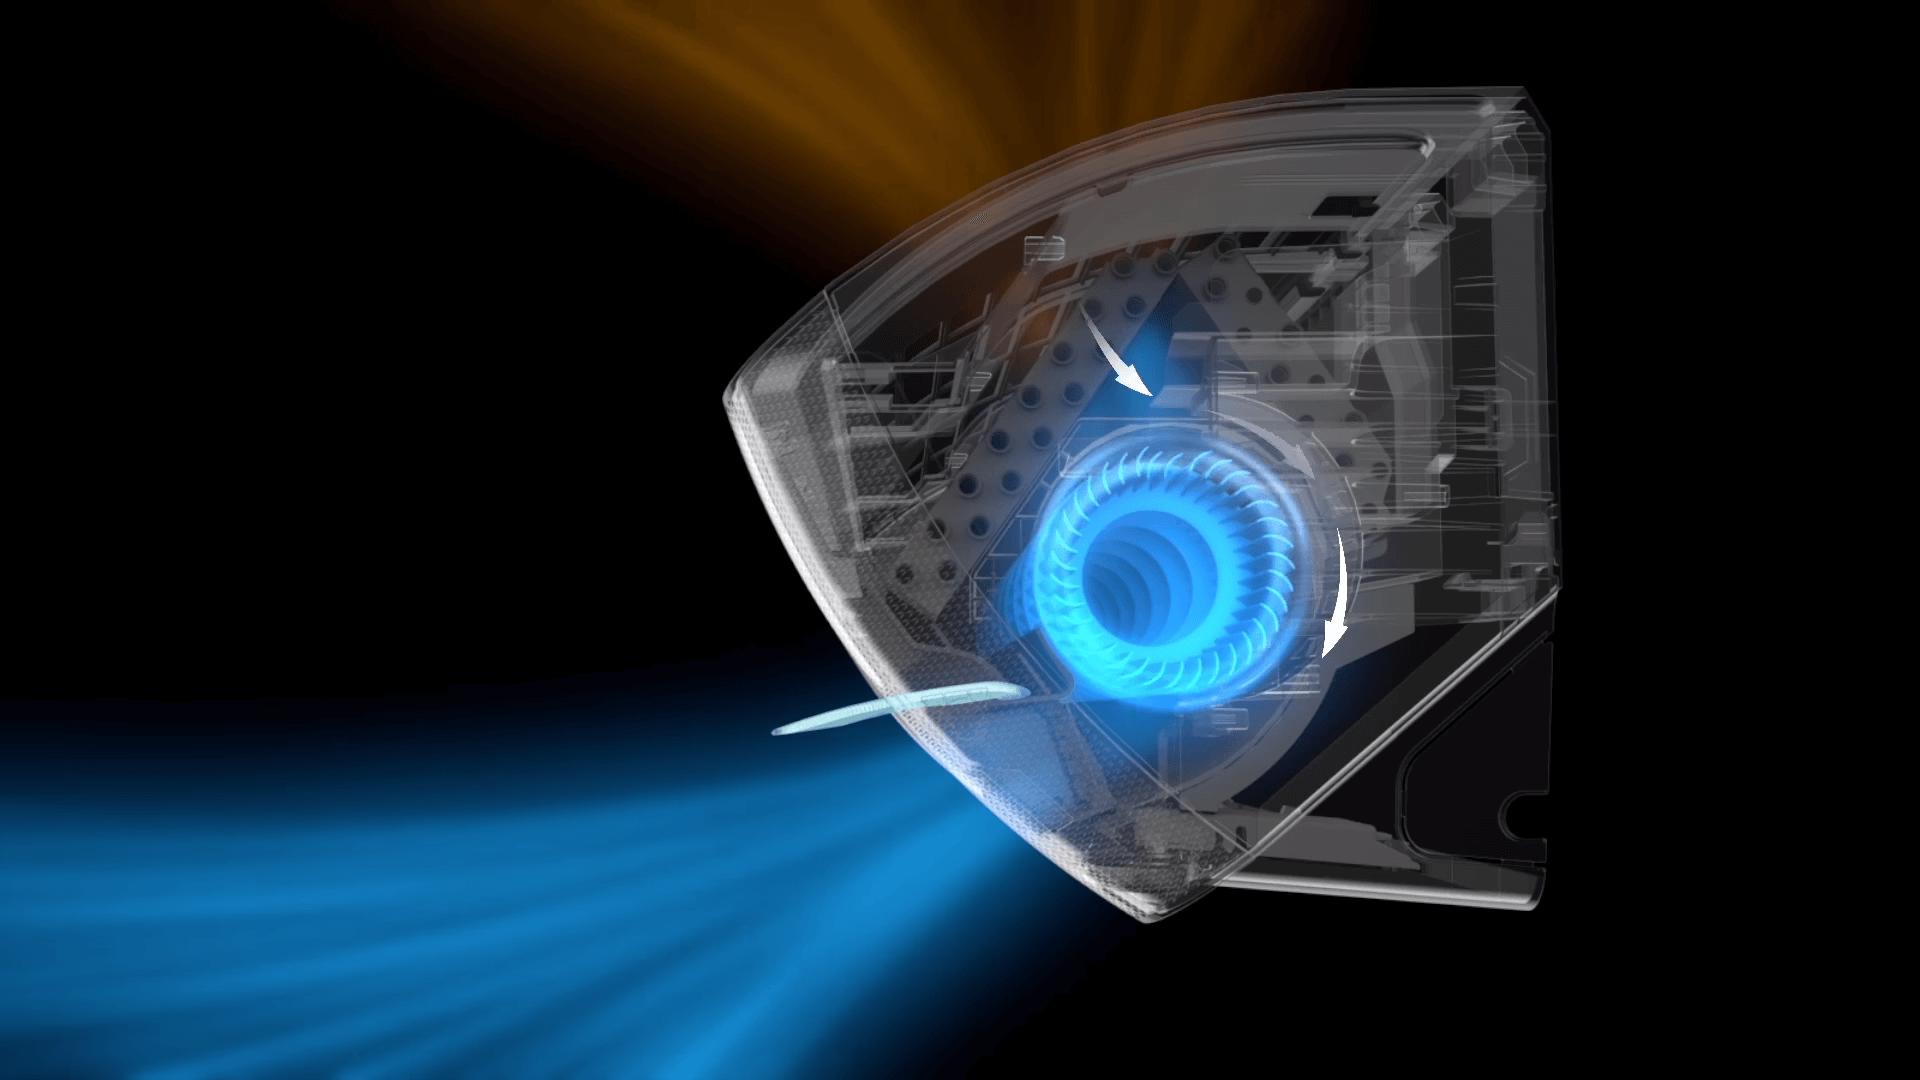 Review: Ar-condicionado Wind Free da Samsung resfria sem precisar de ventos